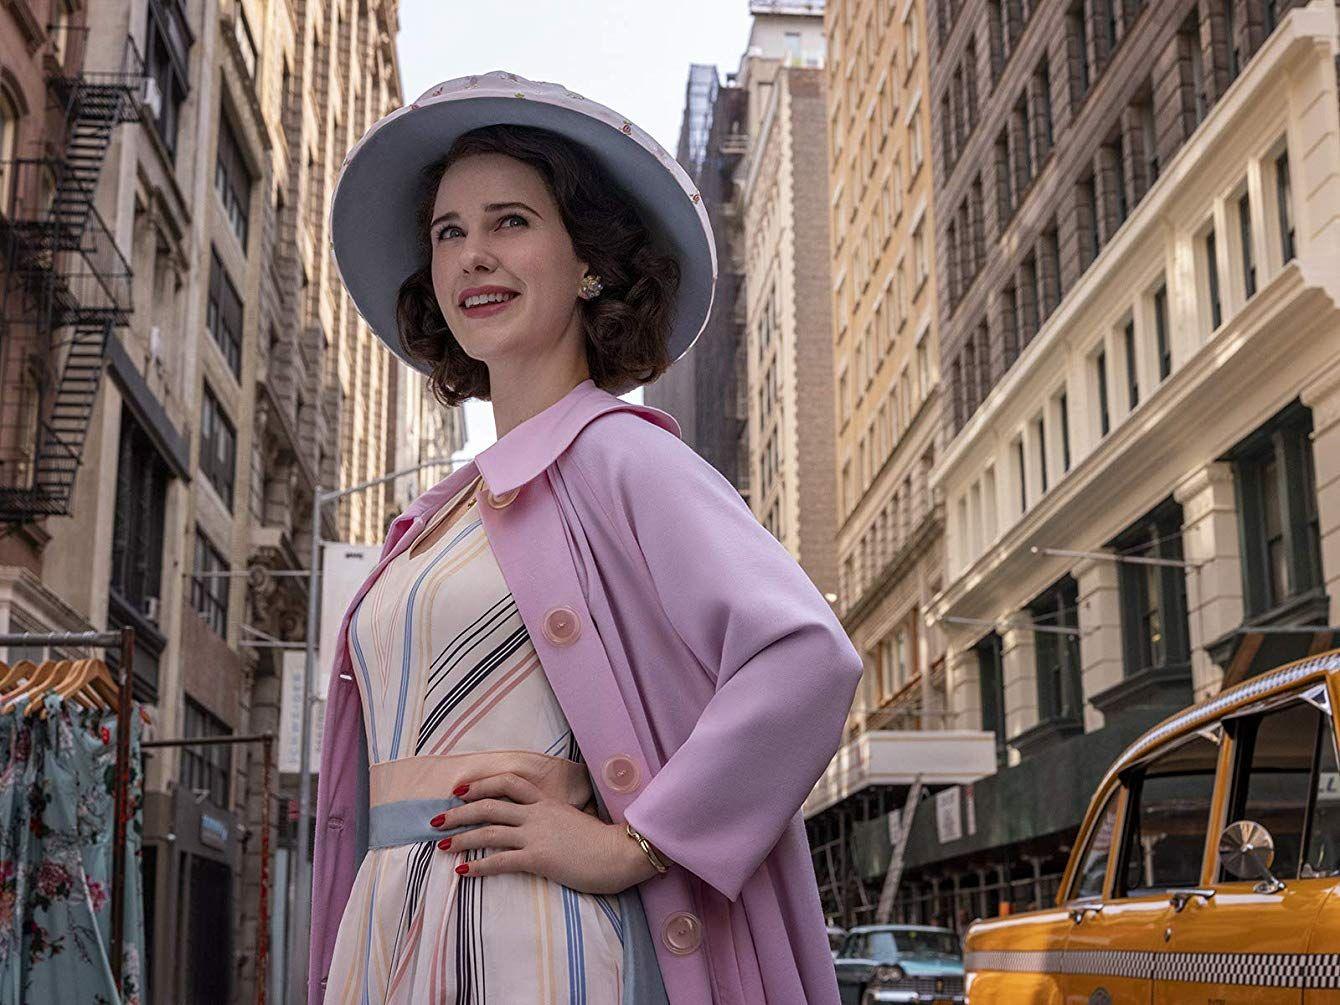 The Marvelous Mrs. Maisel Season 4: News, Premiere Date, Cast ...